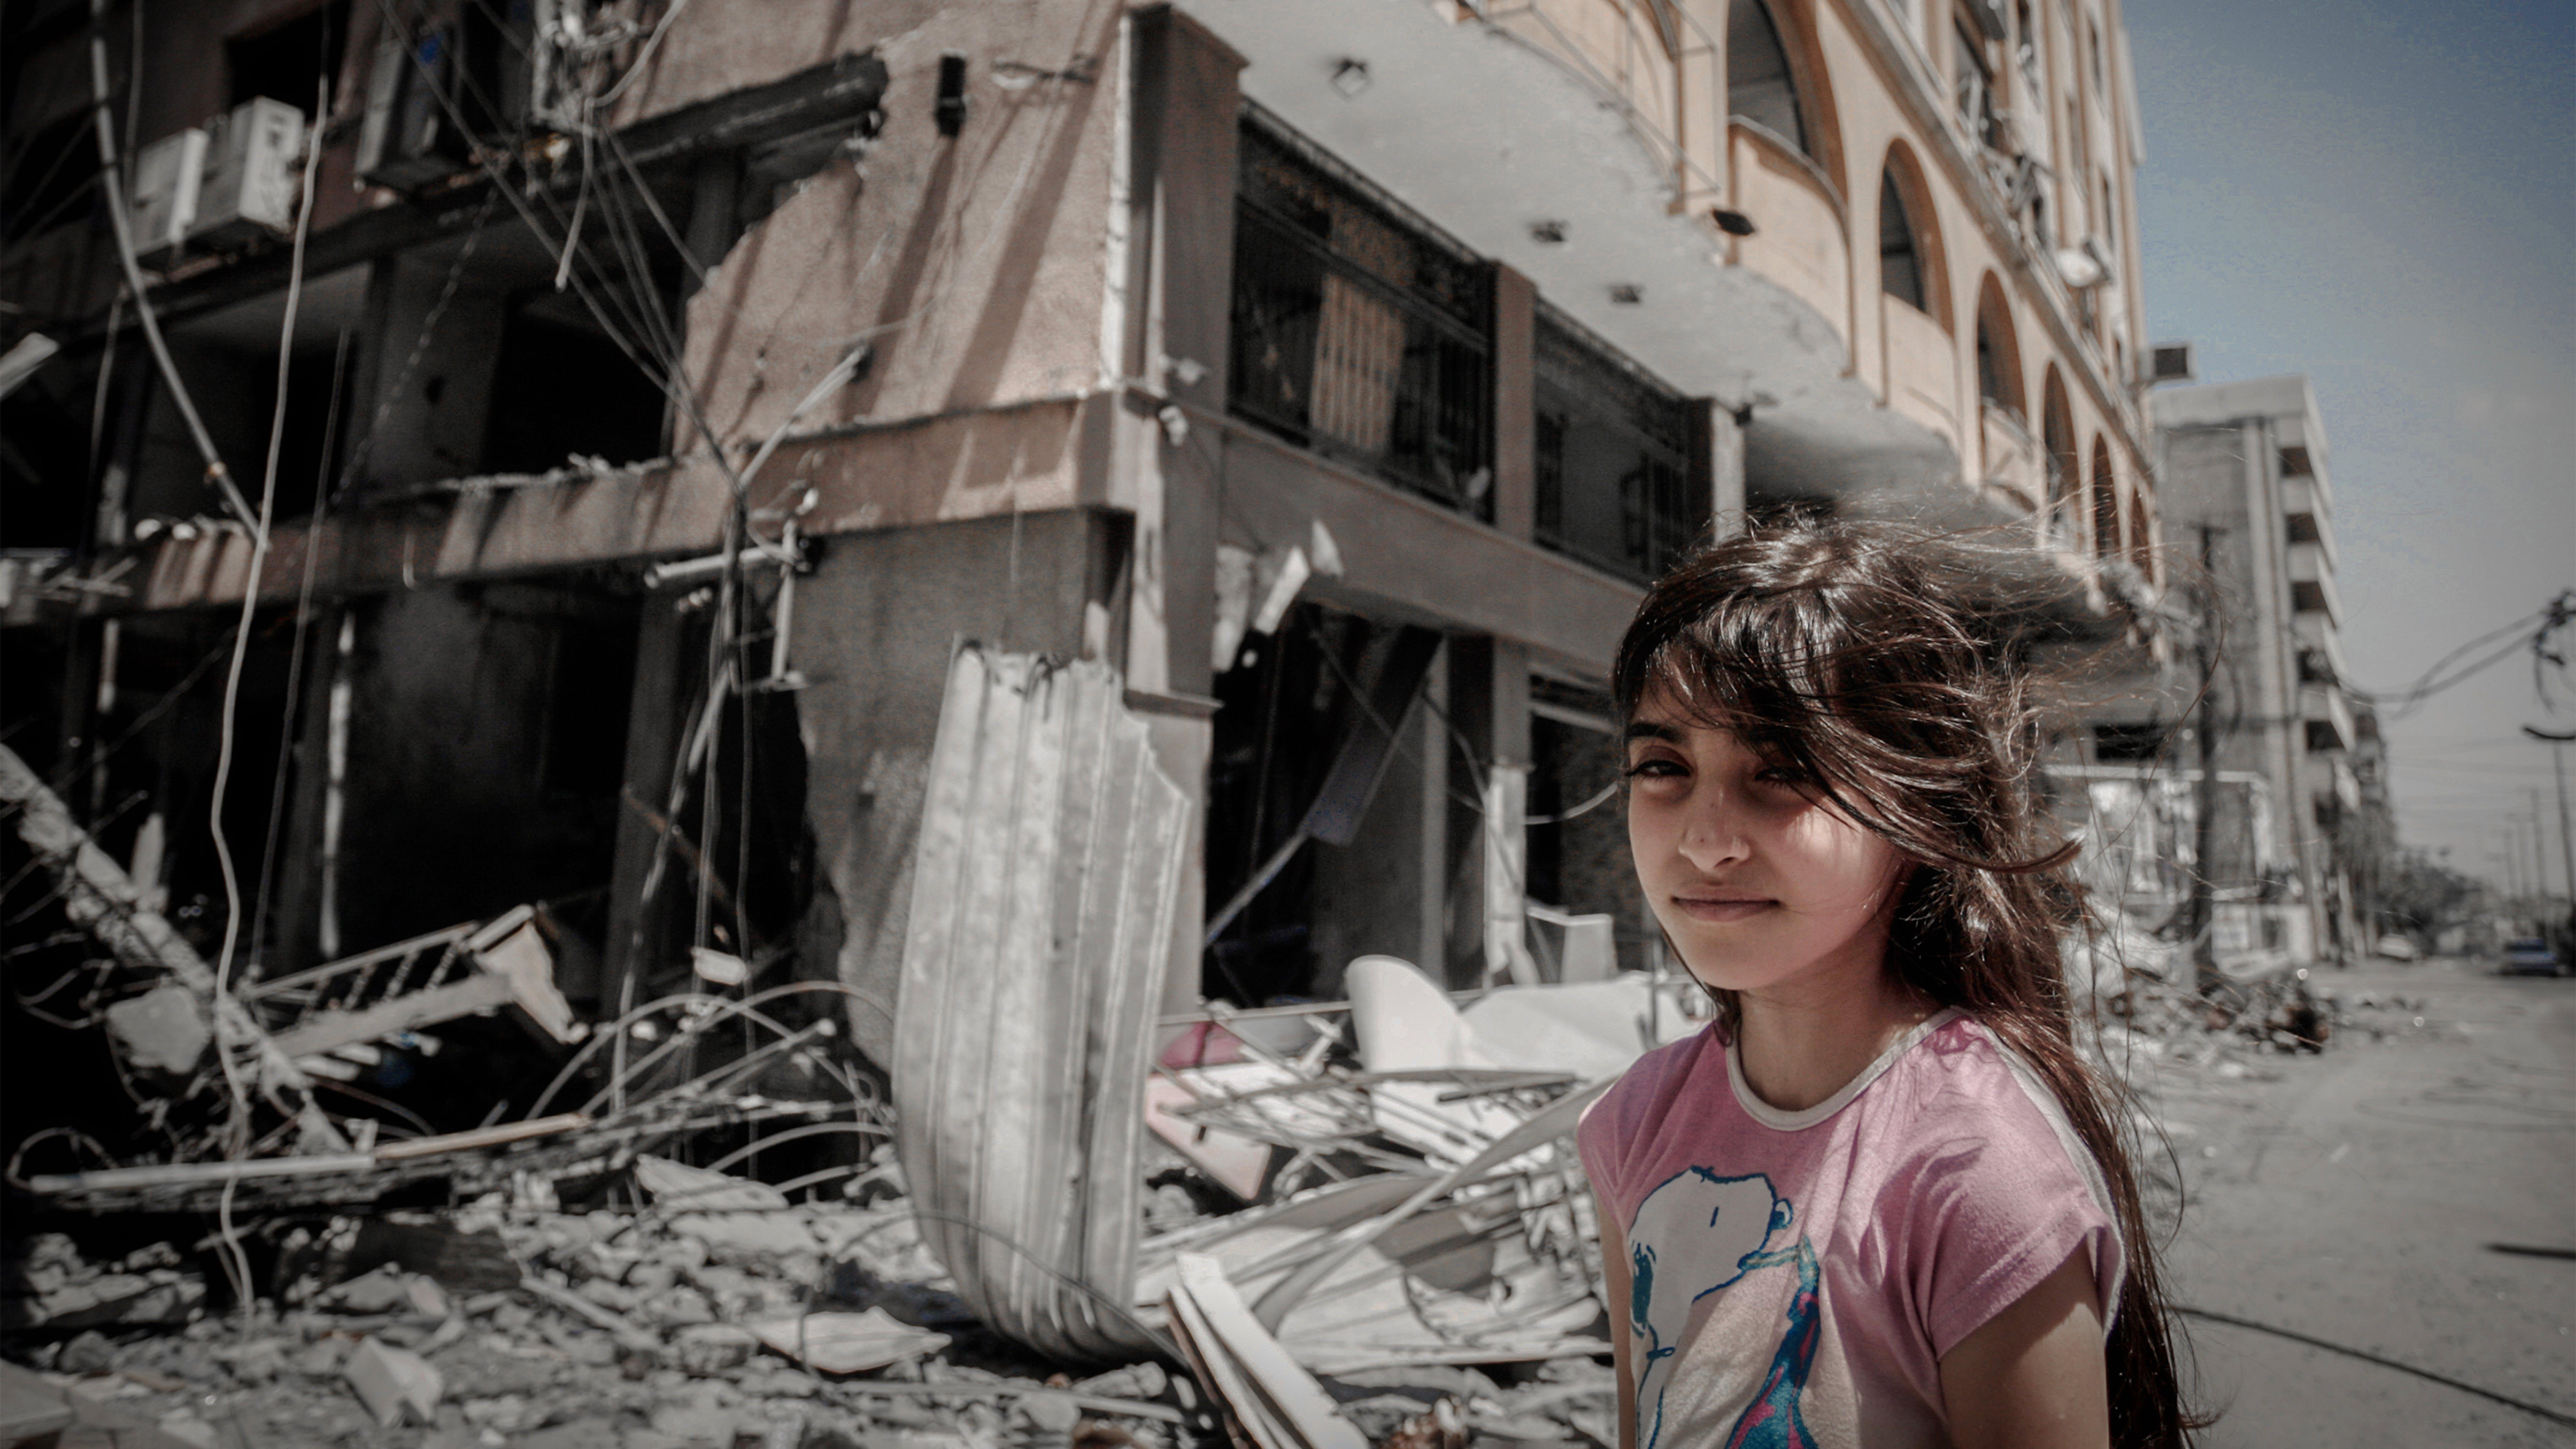 una ragazza palestinese è in piedi davanti alla loro casa mentre la sua famiglia estrae i suoi beni dall'interno della loro casa danneggiata dopo essere stata presa di mira a Gaza City.